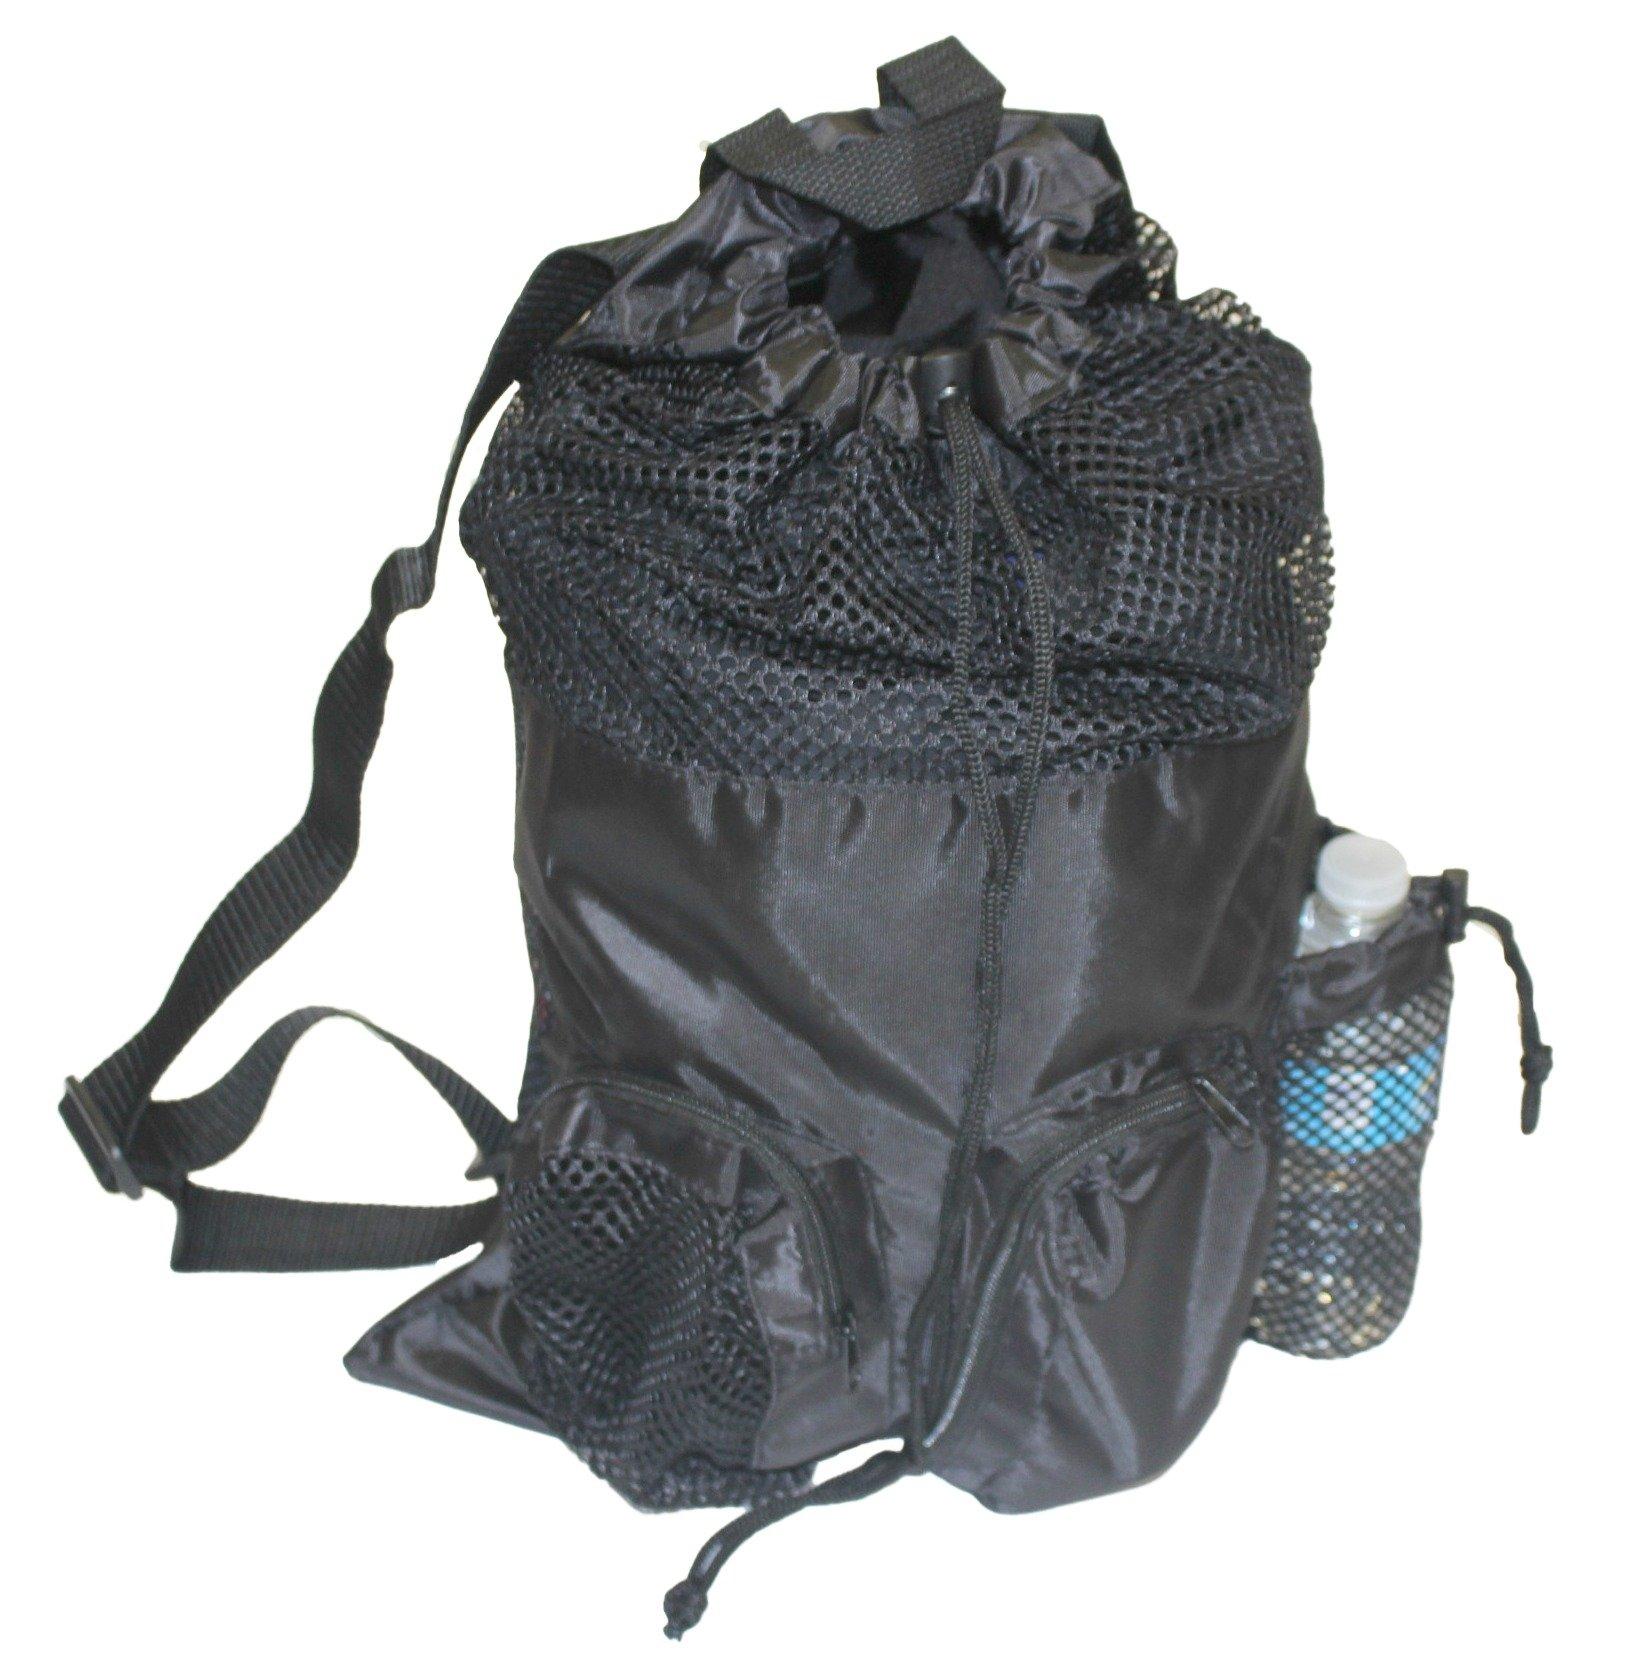 Adoretex Ultrastar Big Mesh Equipment Sport Drawstring Gym Swim Bag - UMB001 - Black